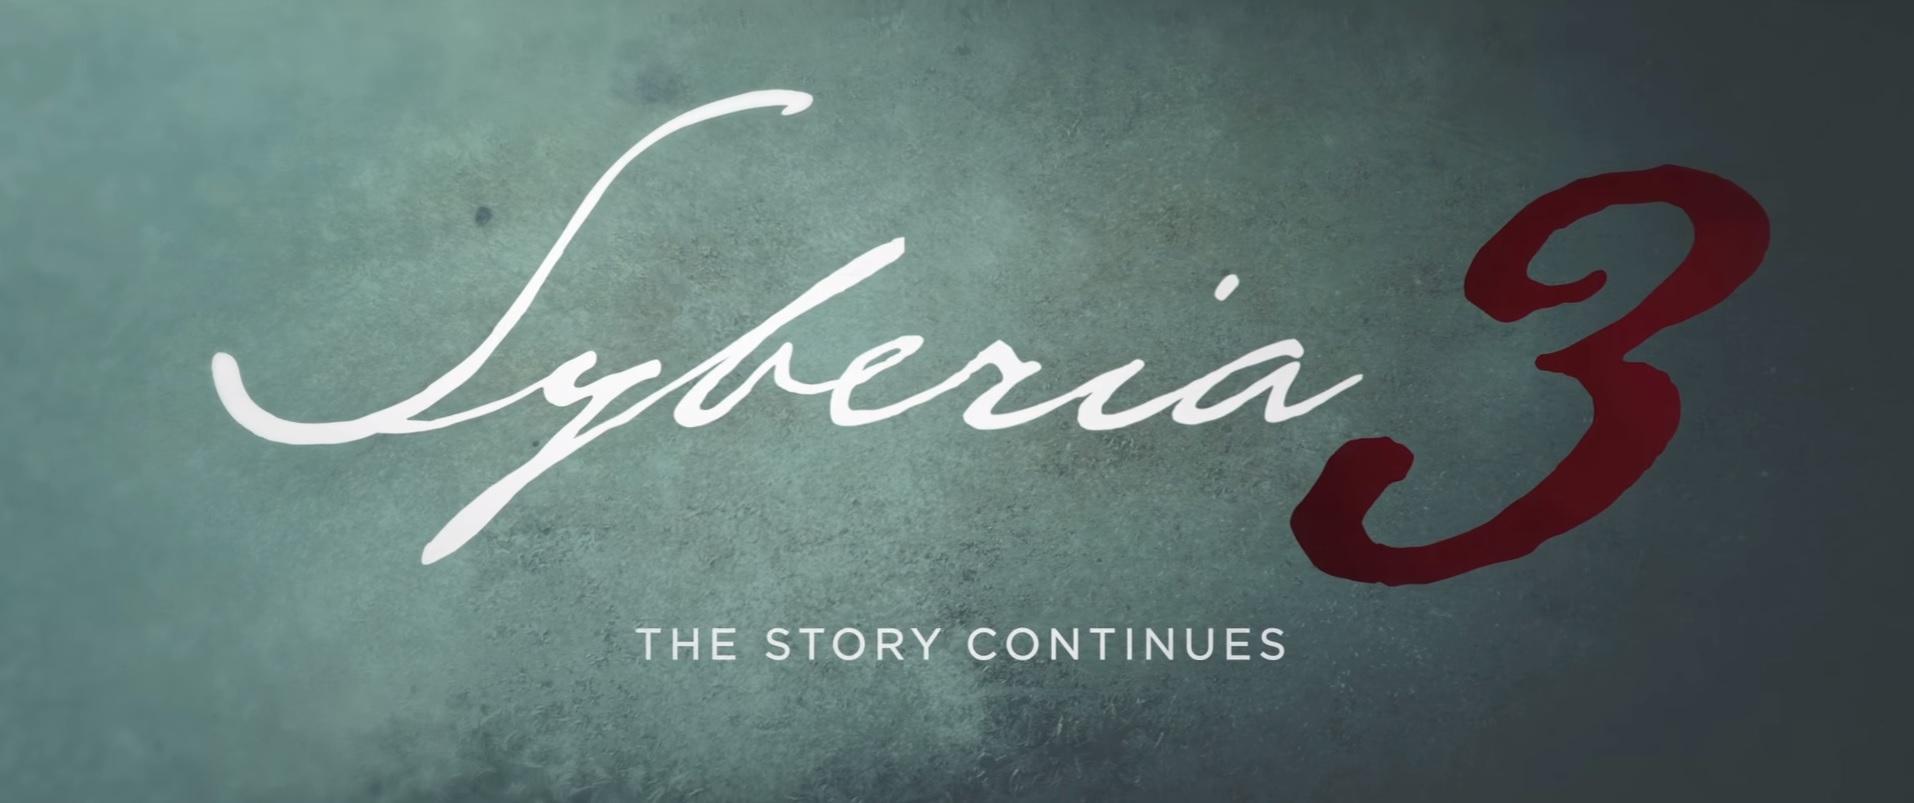 Syberia 3 Header